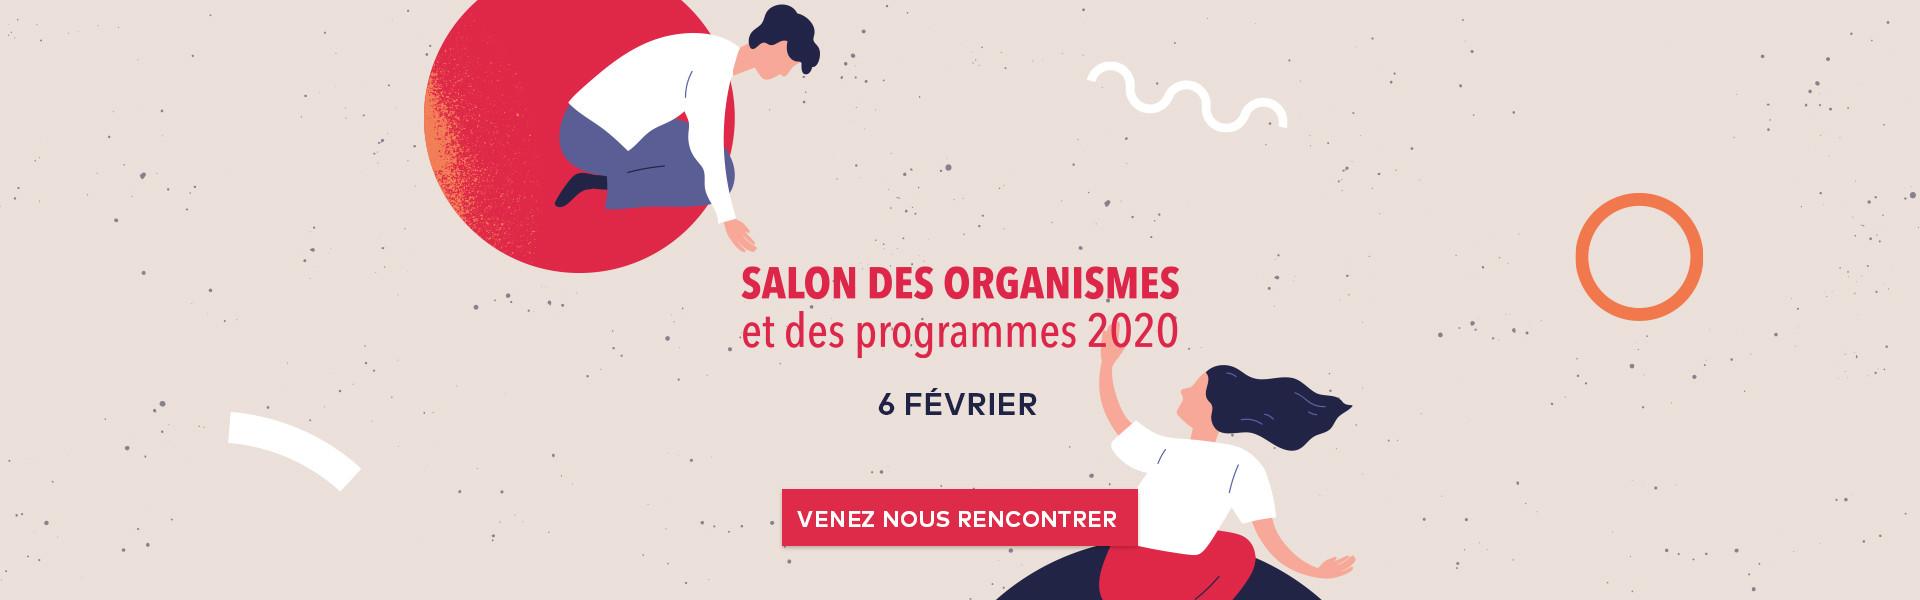 Salon des organismes et des programmes - Carrefour Frontenac